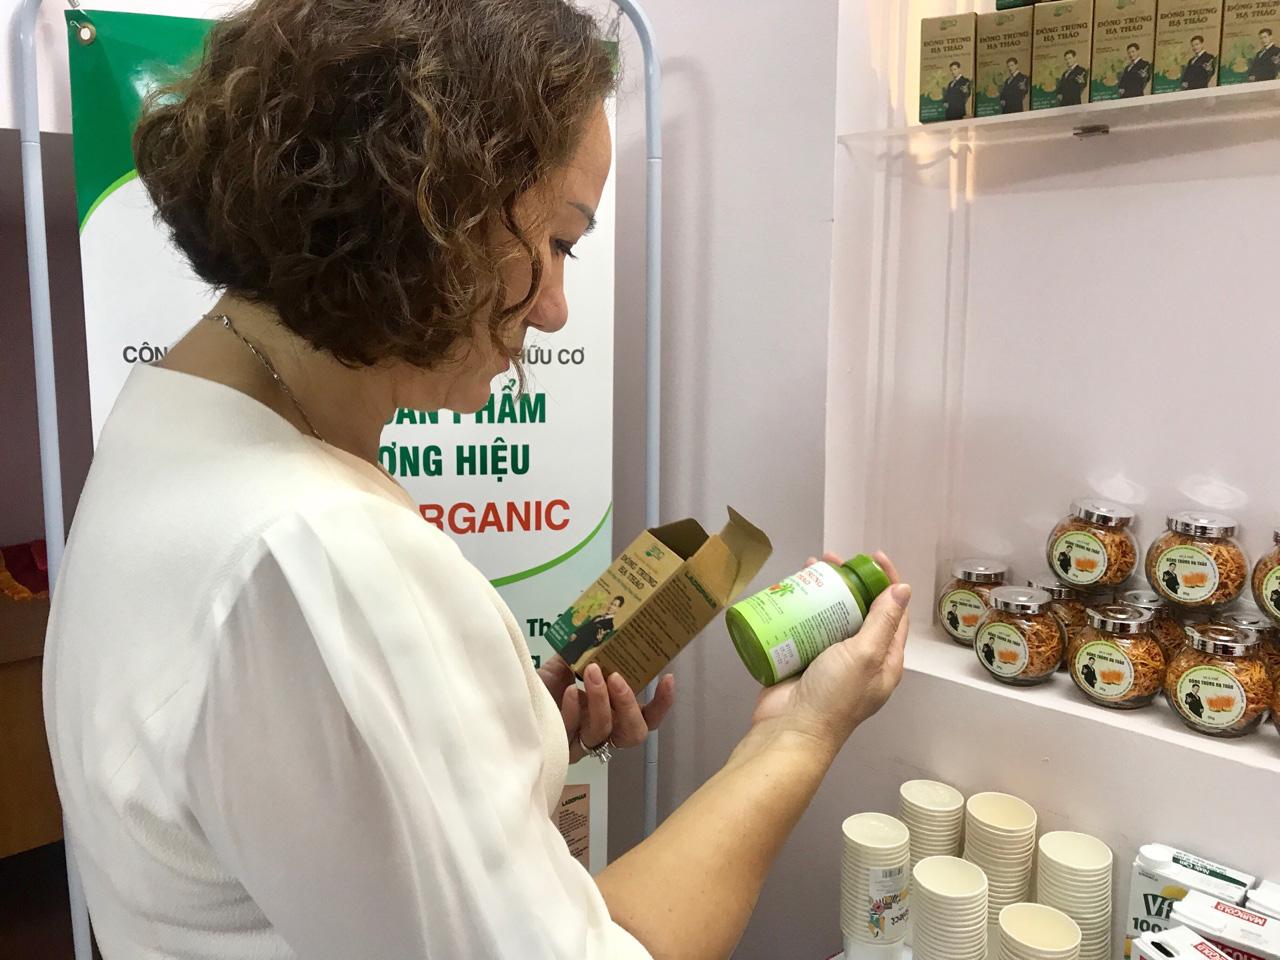 Thực phẩm hữu cơ rất tiềm năng, nhưng chỉ chiếm 0,2% doanh thu của các nhà bán lẻ hàng đầu Việt Nam